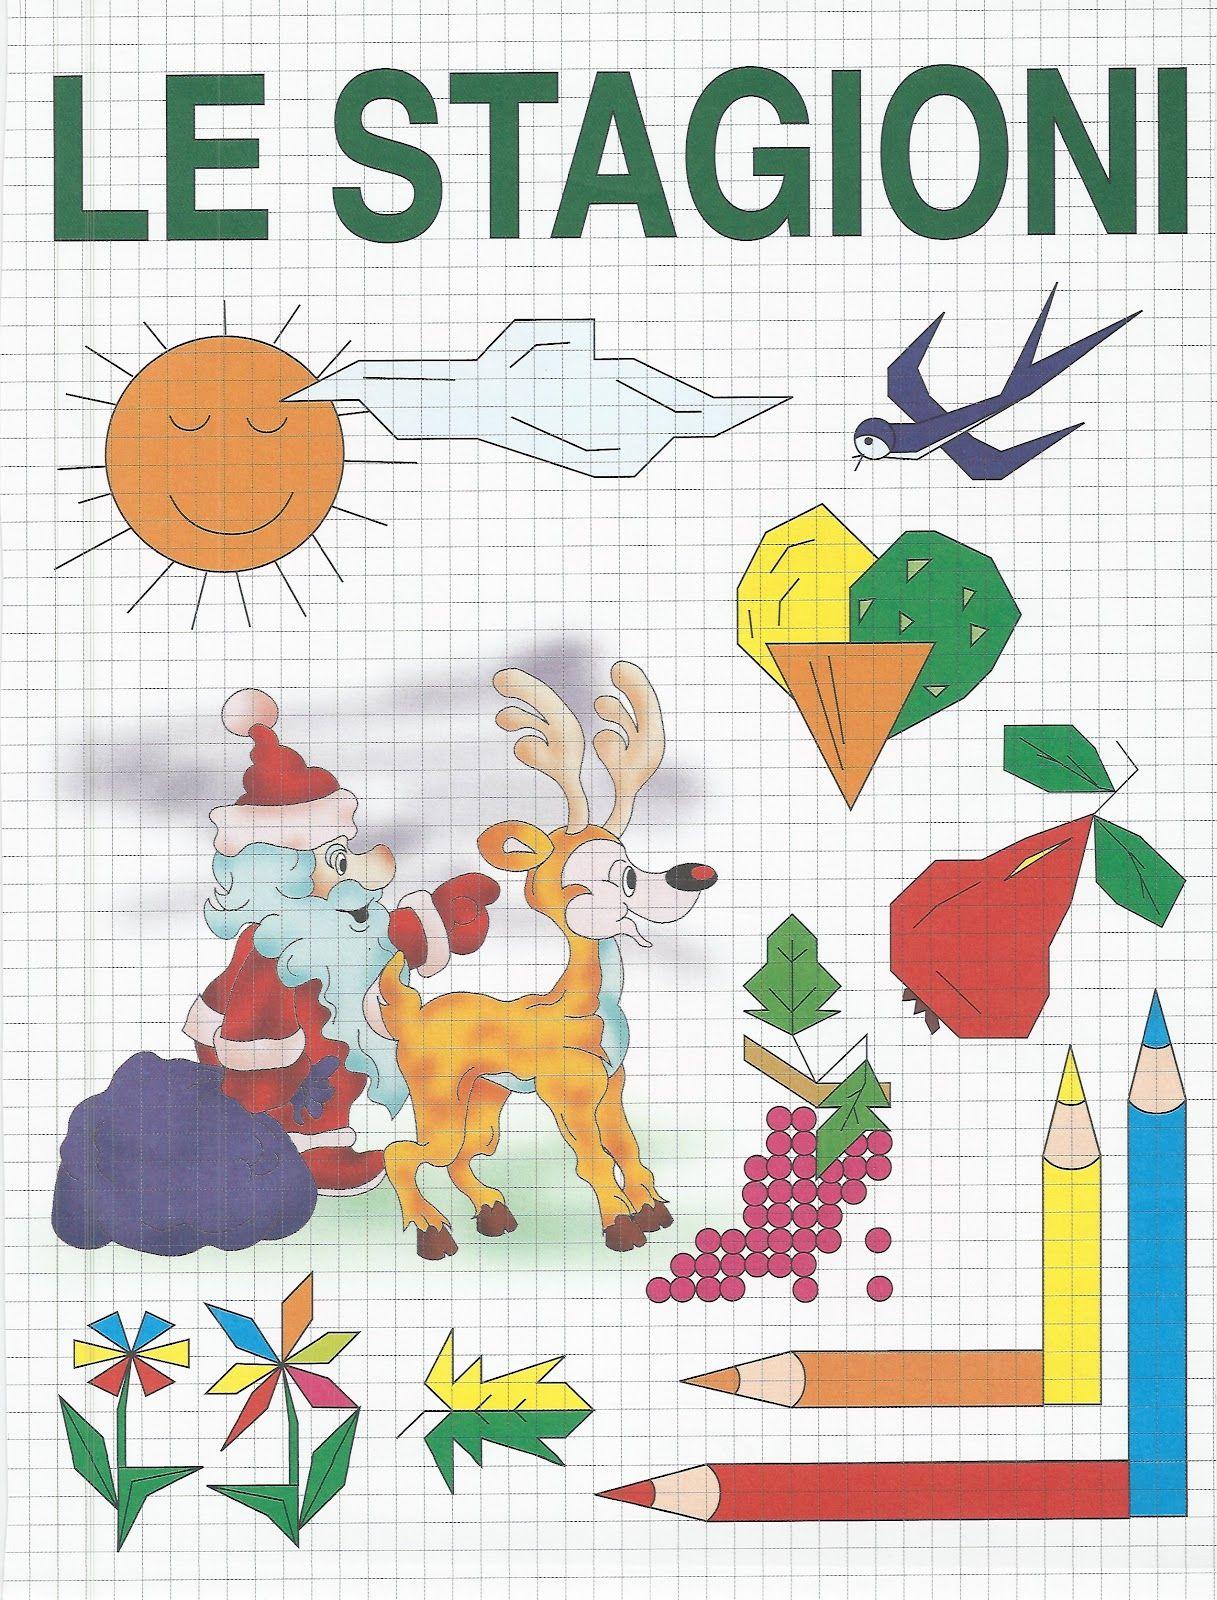 Schede didattiche per la scuola primaria, giochi, disegni ...